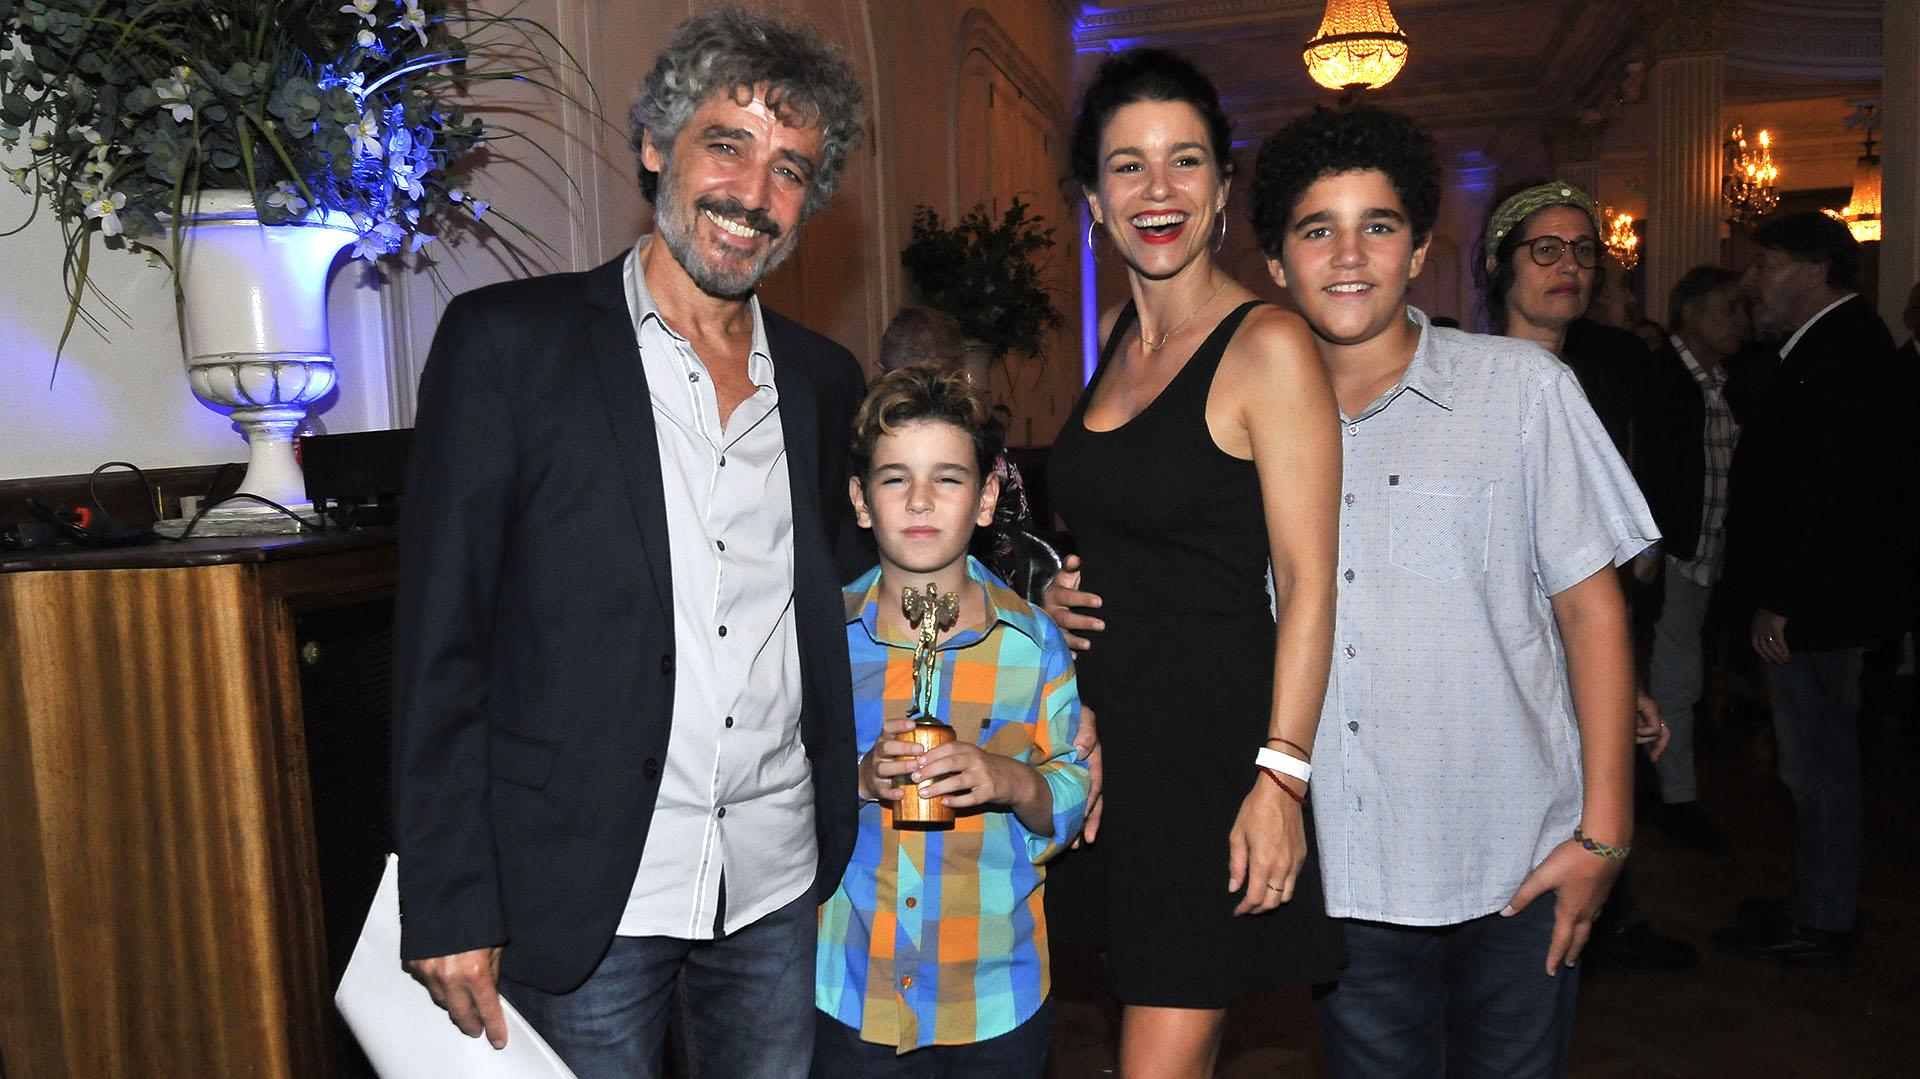 Germán Palacios, quien tuvo su distinción, junto a su mujer, Marina Glezer, y sus hijos